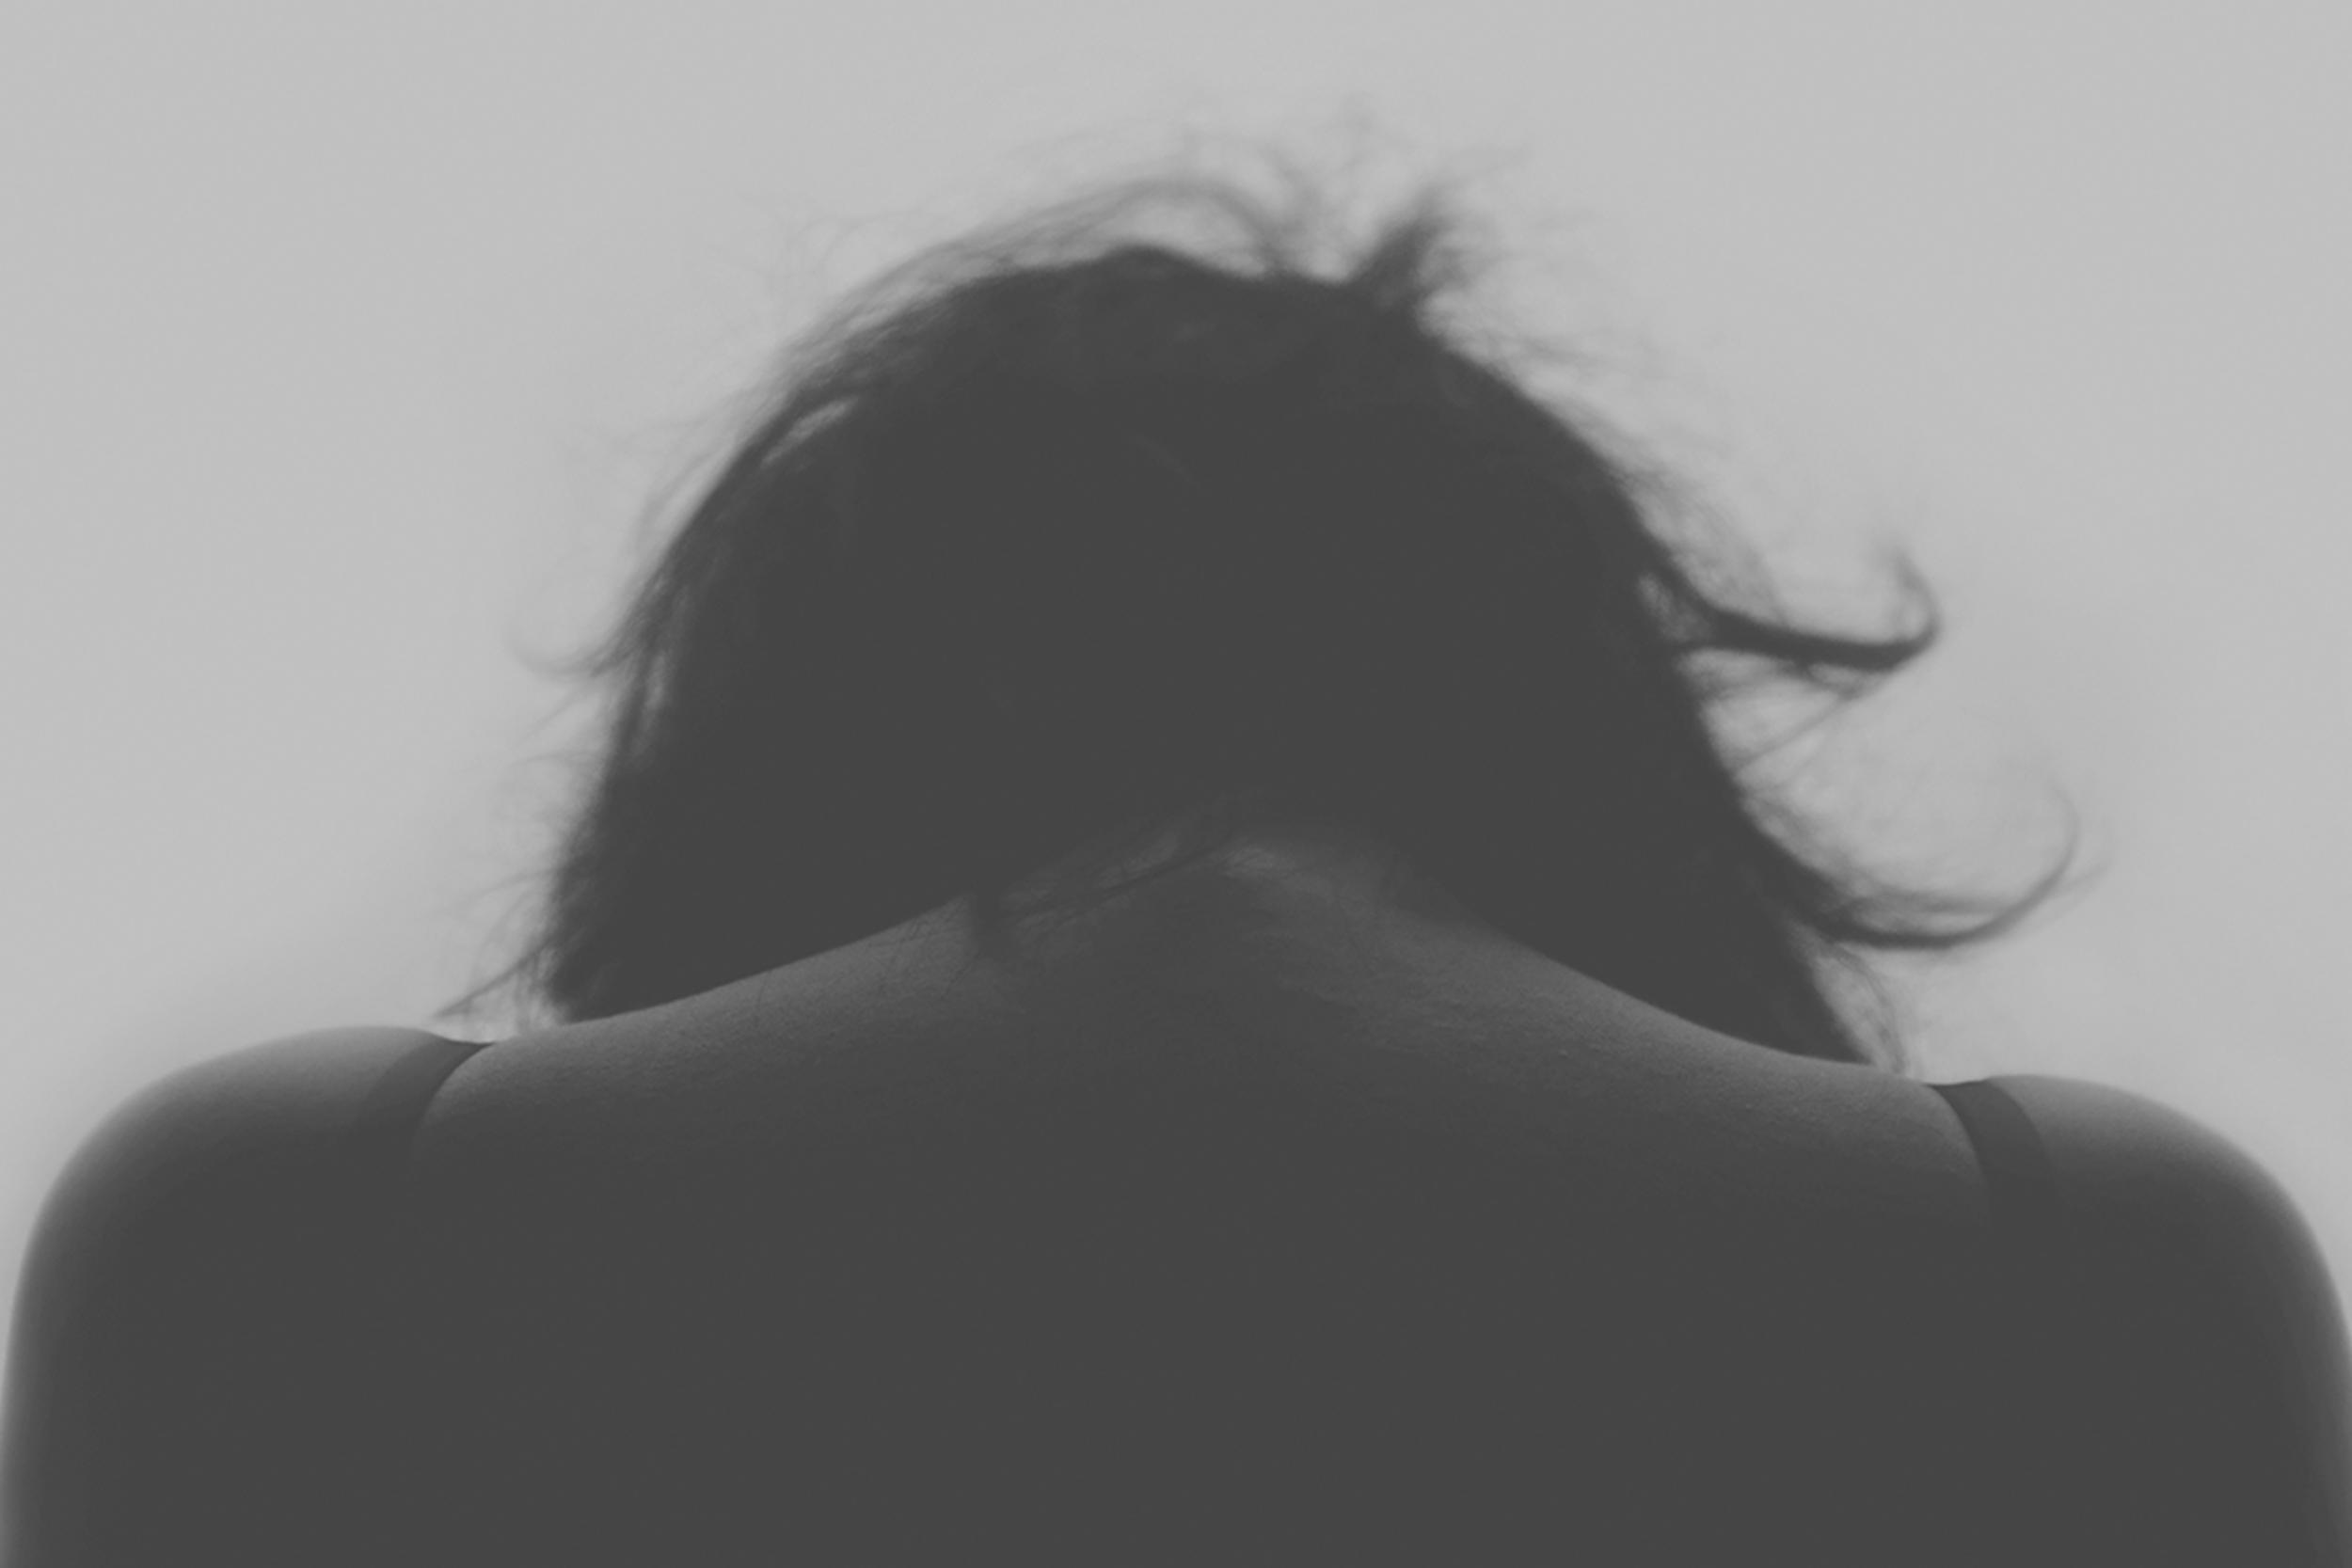 Verdriet is een verwerkwoord - Soms zijn er momenten in je persoonlijk leven waarin er verdriet is. Dit kan veroorzaakt worden door het verlies van een dierbare, fysieke en/of mentale klachten, problemen op je werk of het verliezen van werk. Een natuurlijke reactie is vaak om de ander niet te laten zien hoezeer je geraakt bent door dit alles.